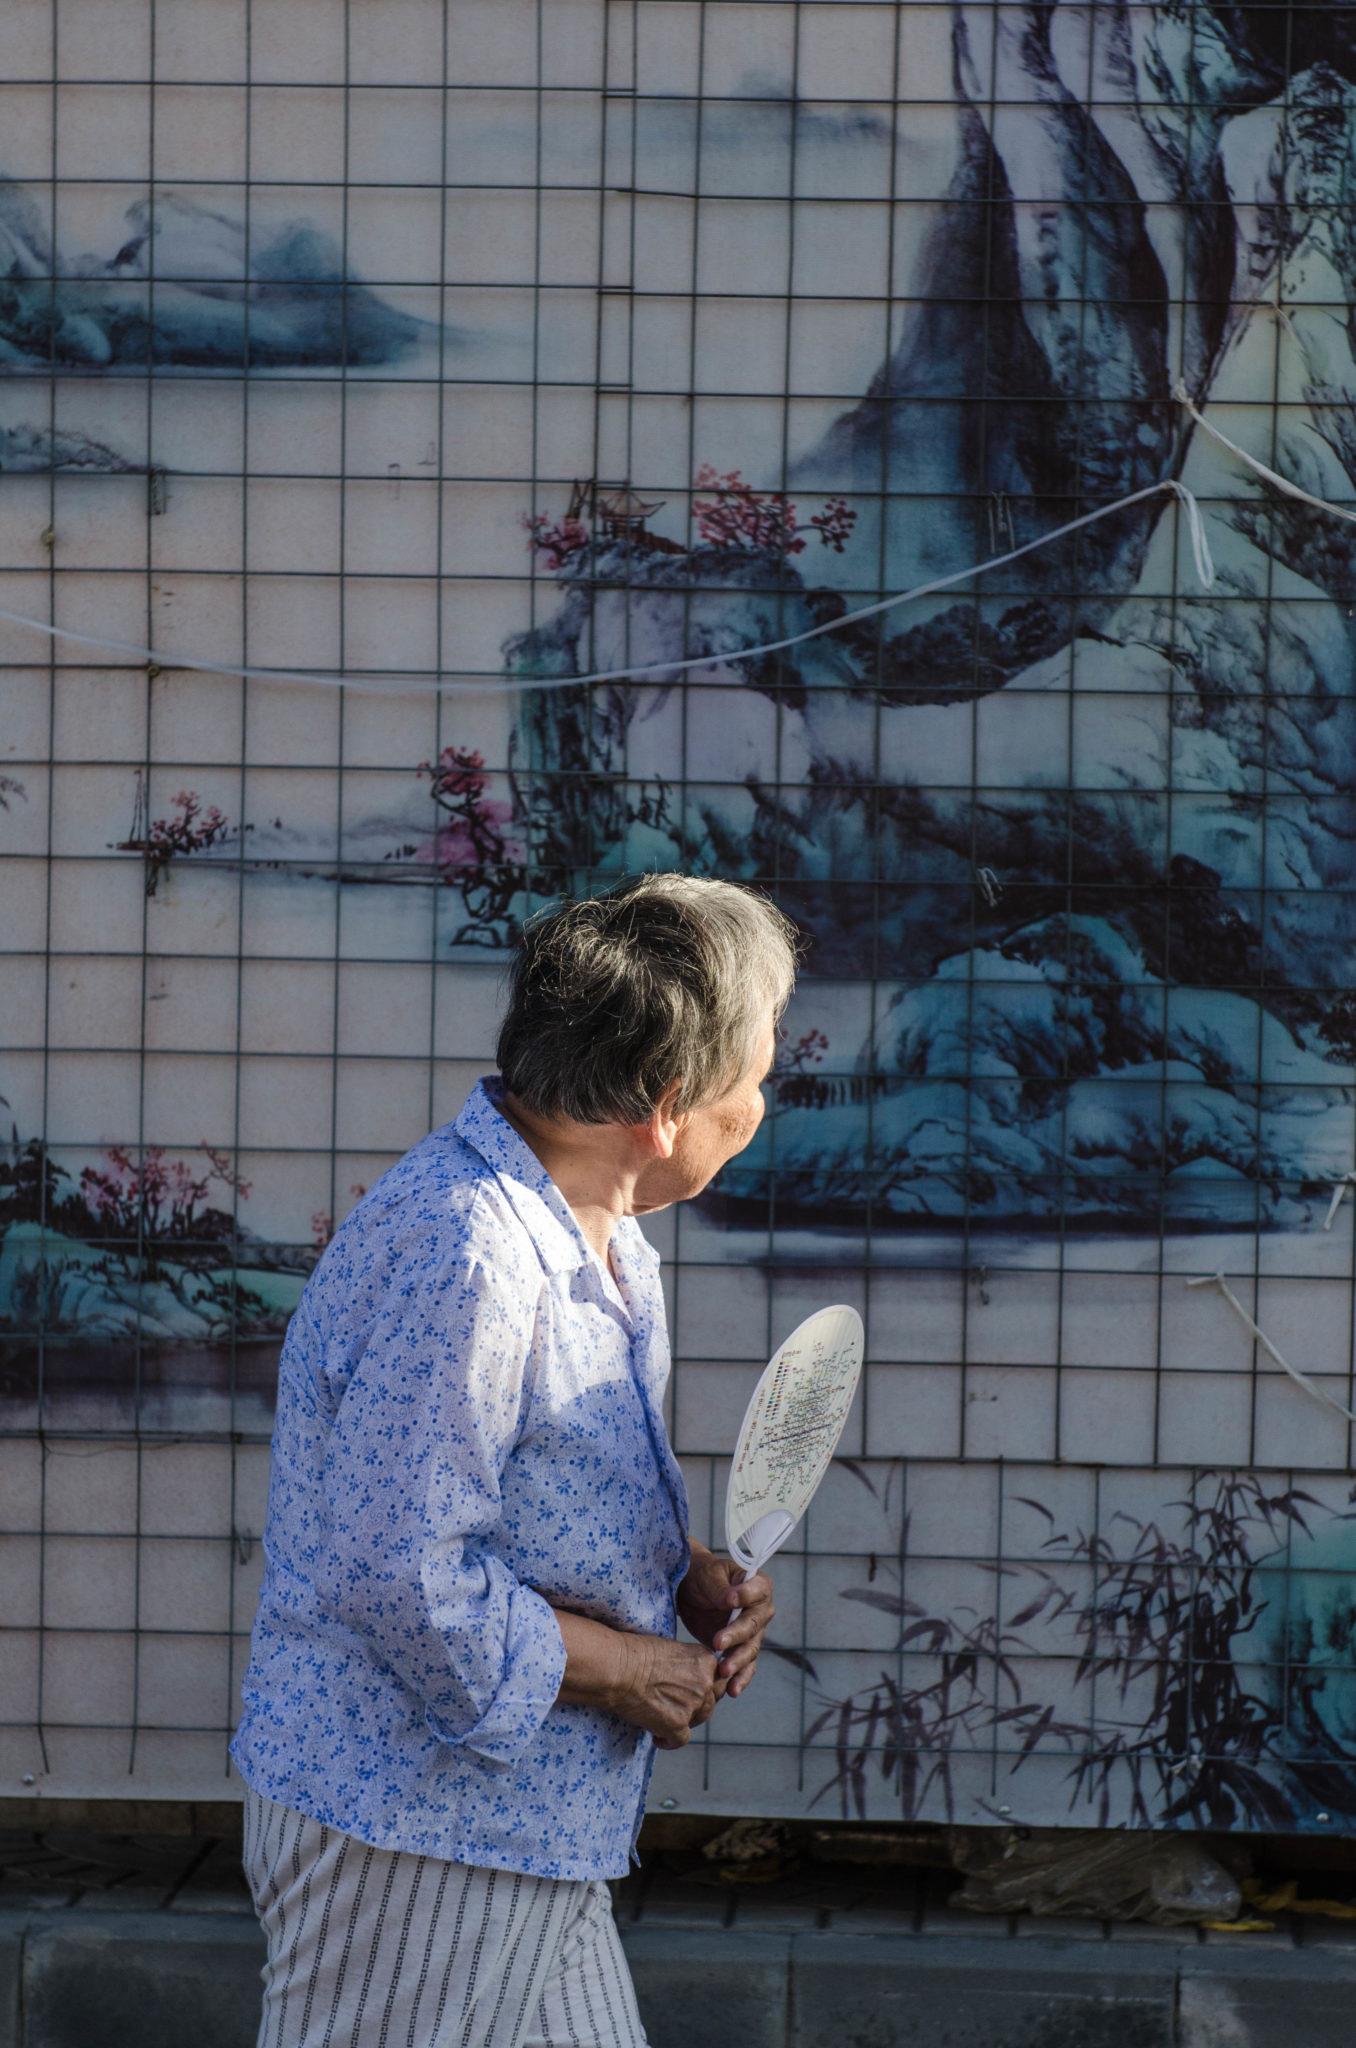 Shoppen in der Sonne? Das machen auch die Einheimischen gern auf dem Panjiayuan Antikmarkt in Peking.